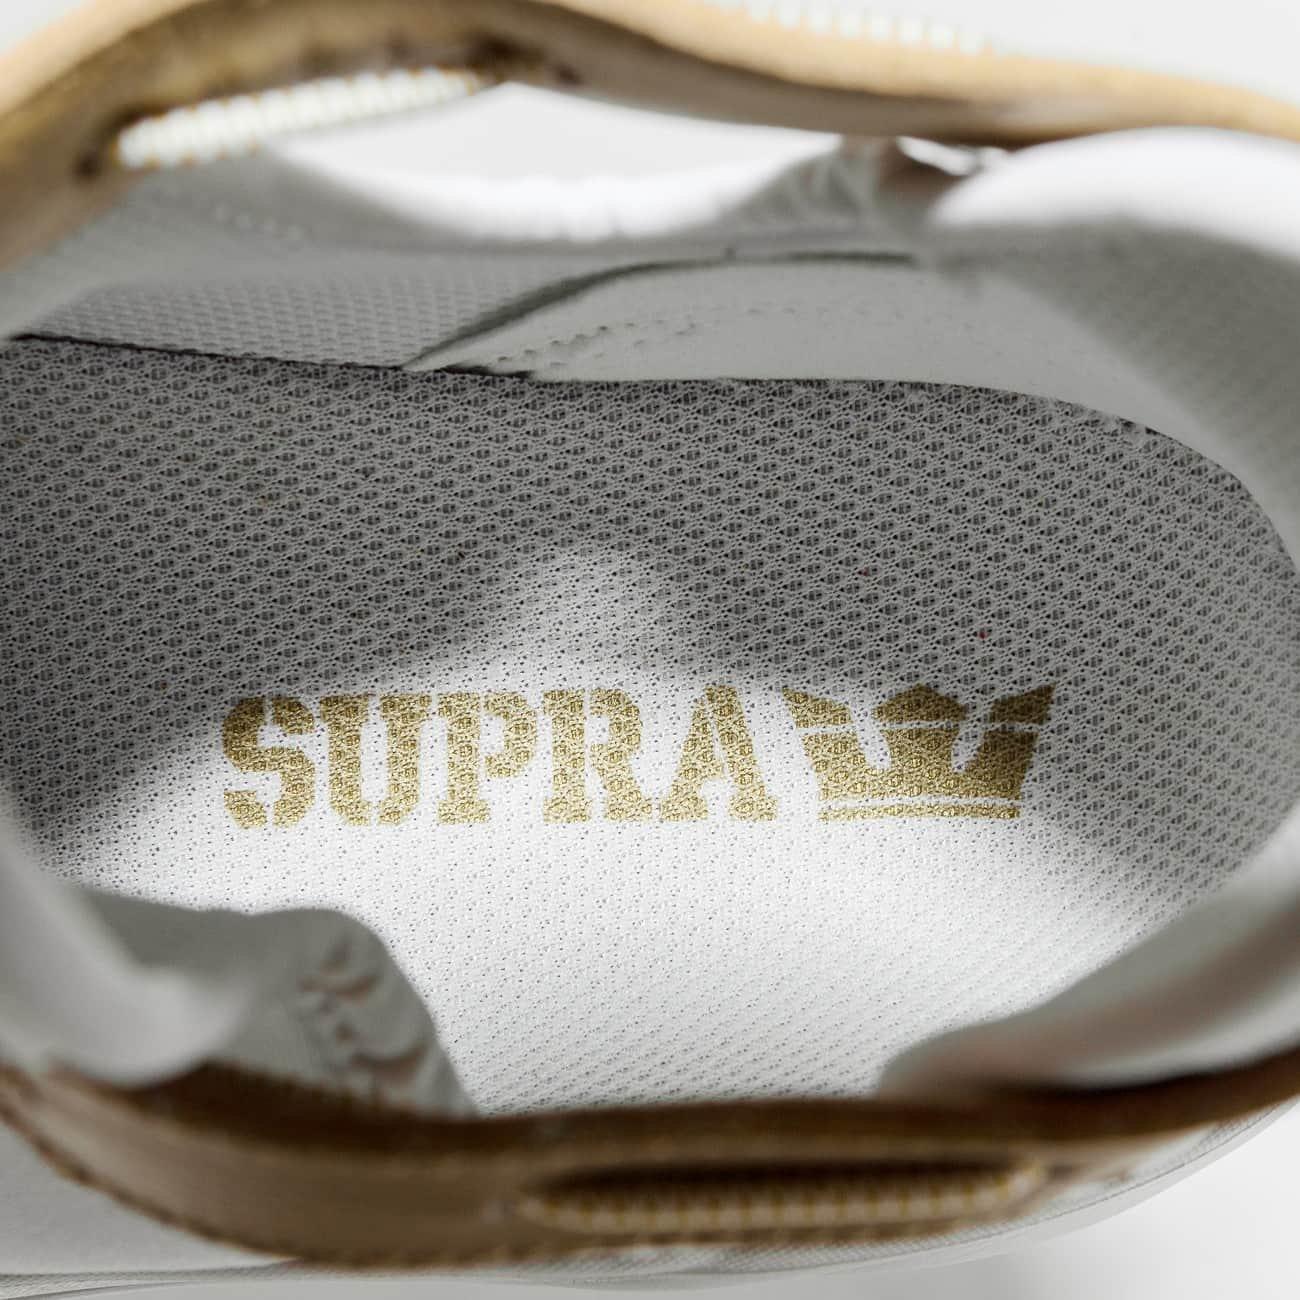 Supra Women's M Anevay Shoes B074KJNWB9 8.5 M Women's US|White/Gold-white 3e30c4